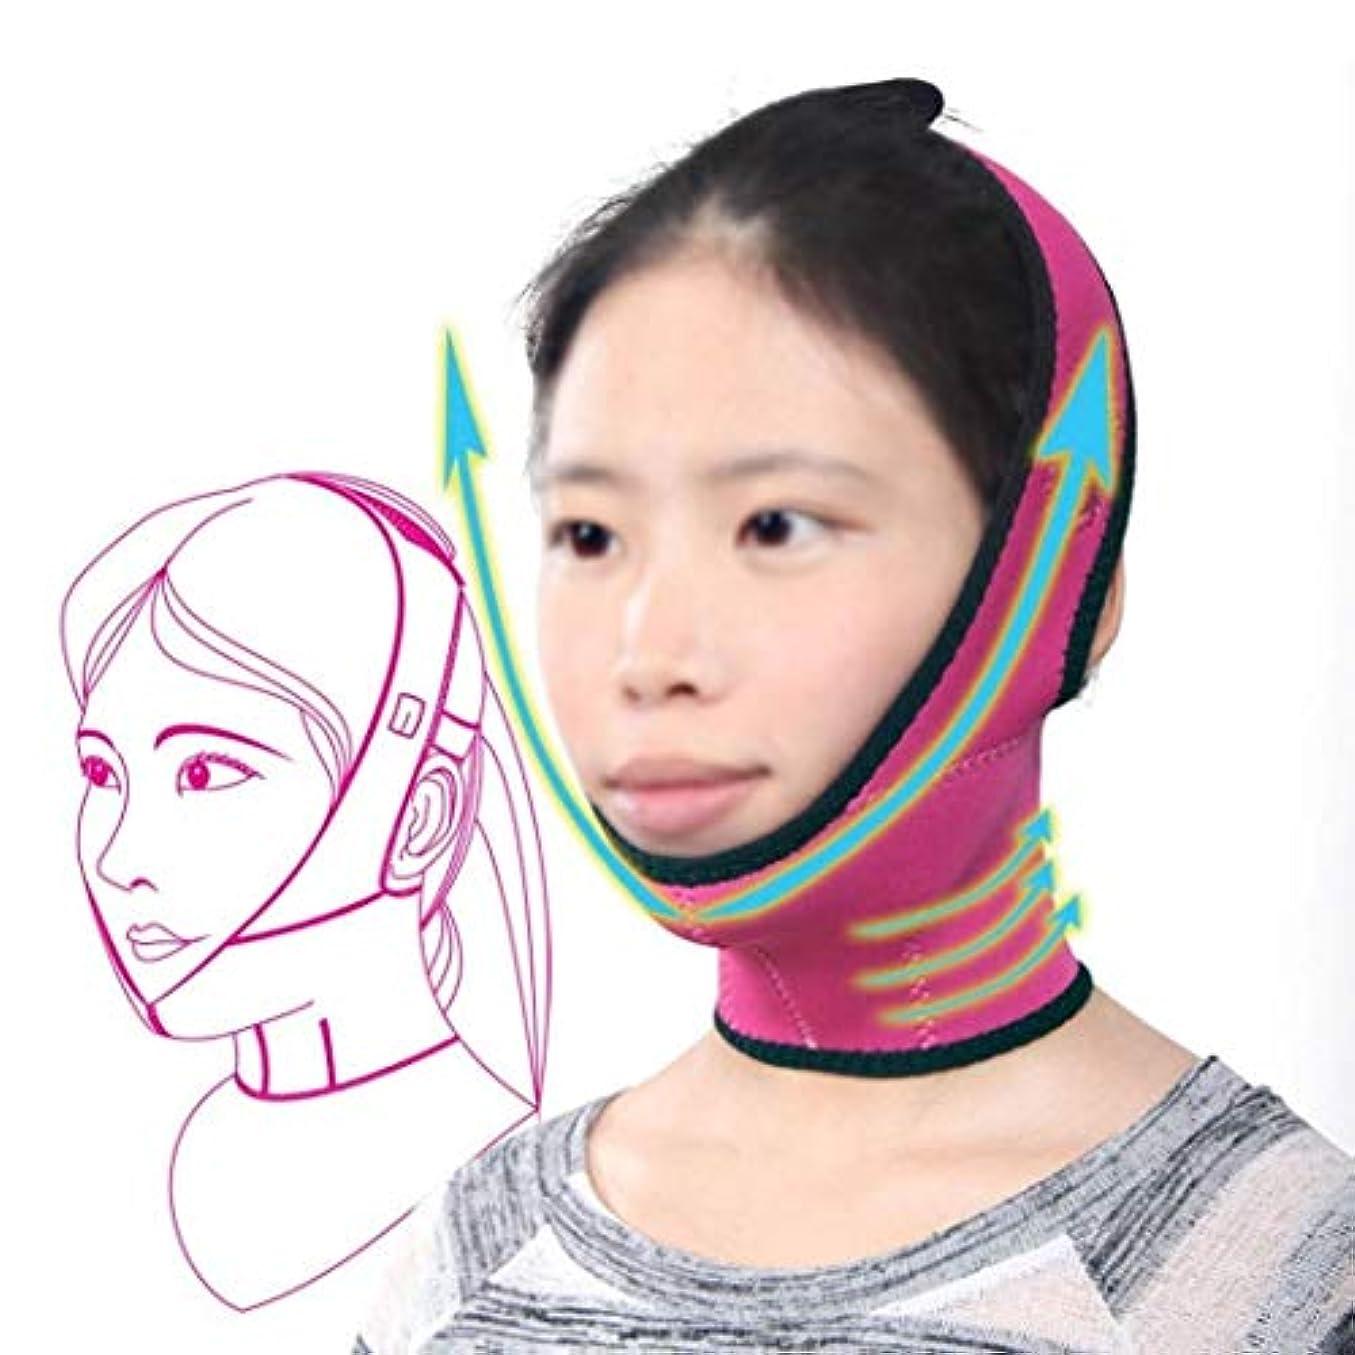 デンマーク語丘省フェイスリフトマスク、スリミングベルトフェイスマスク強力なリフティング小さなV顔薄い顔包帯美容美容リフティング顔小さな顔薄いフェイスマスク